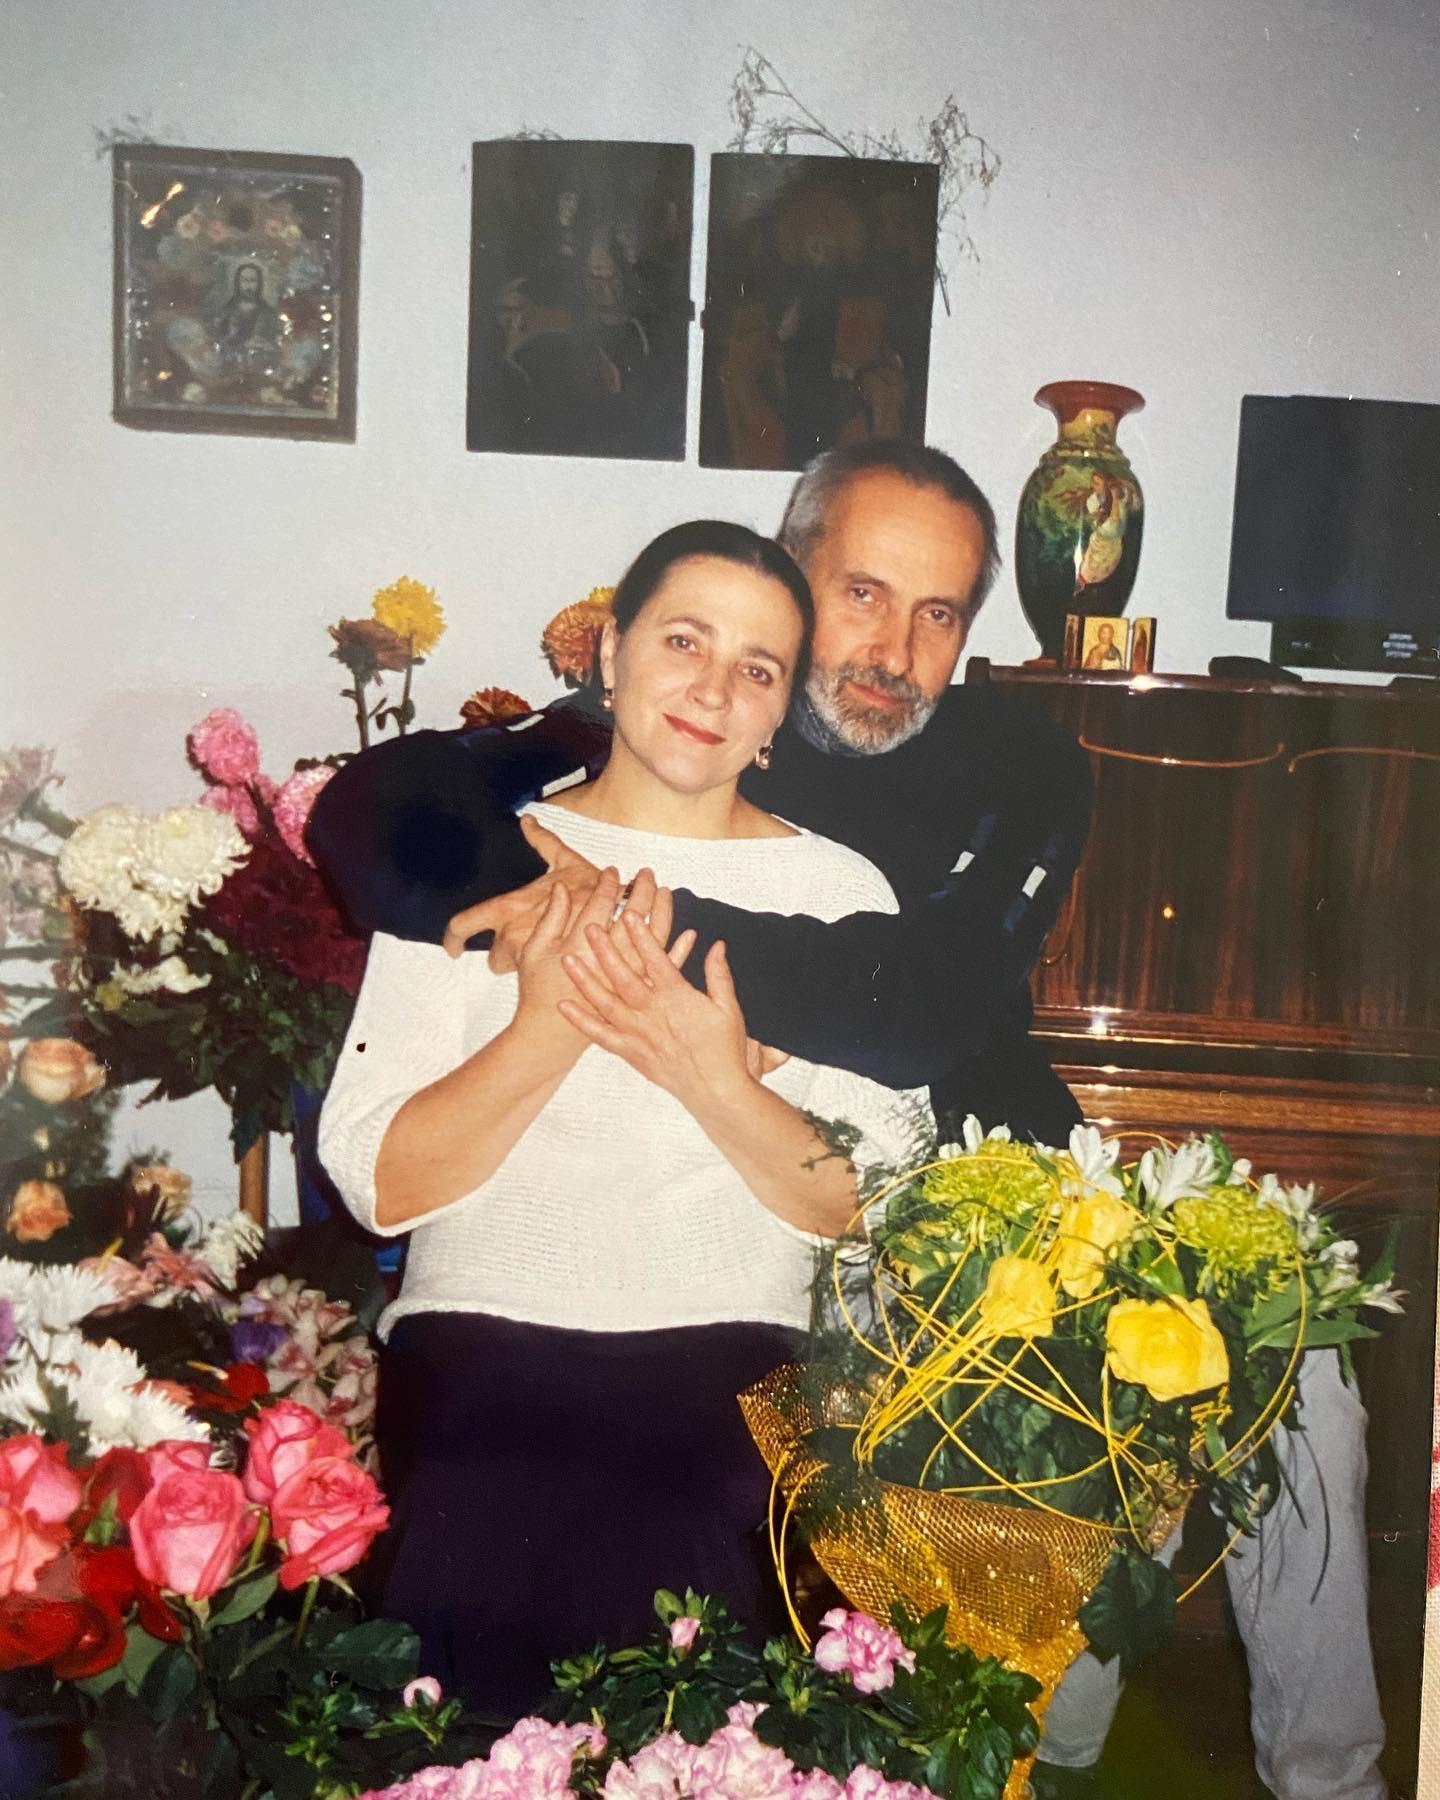 Тоня Матвиенко трогательно поздравила родителей с золотой свадьбой (ФОТО) - фото №1